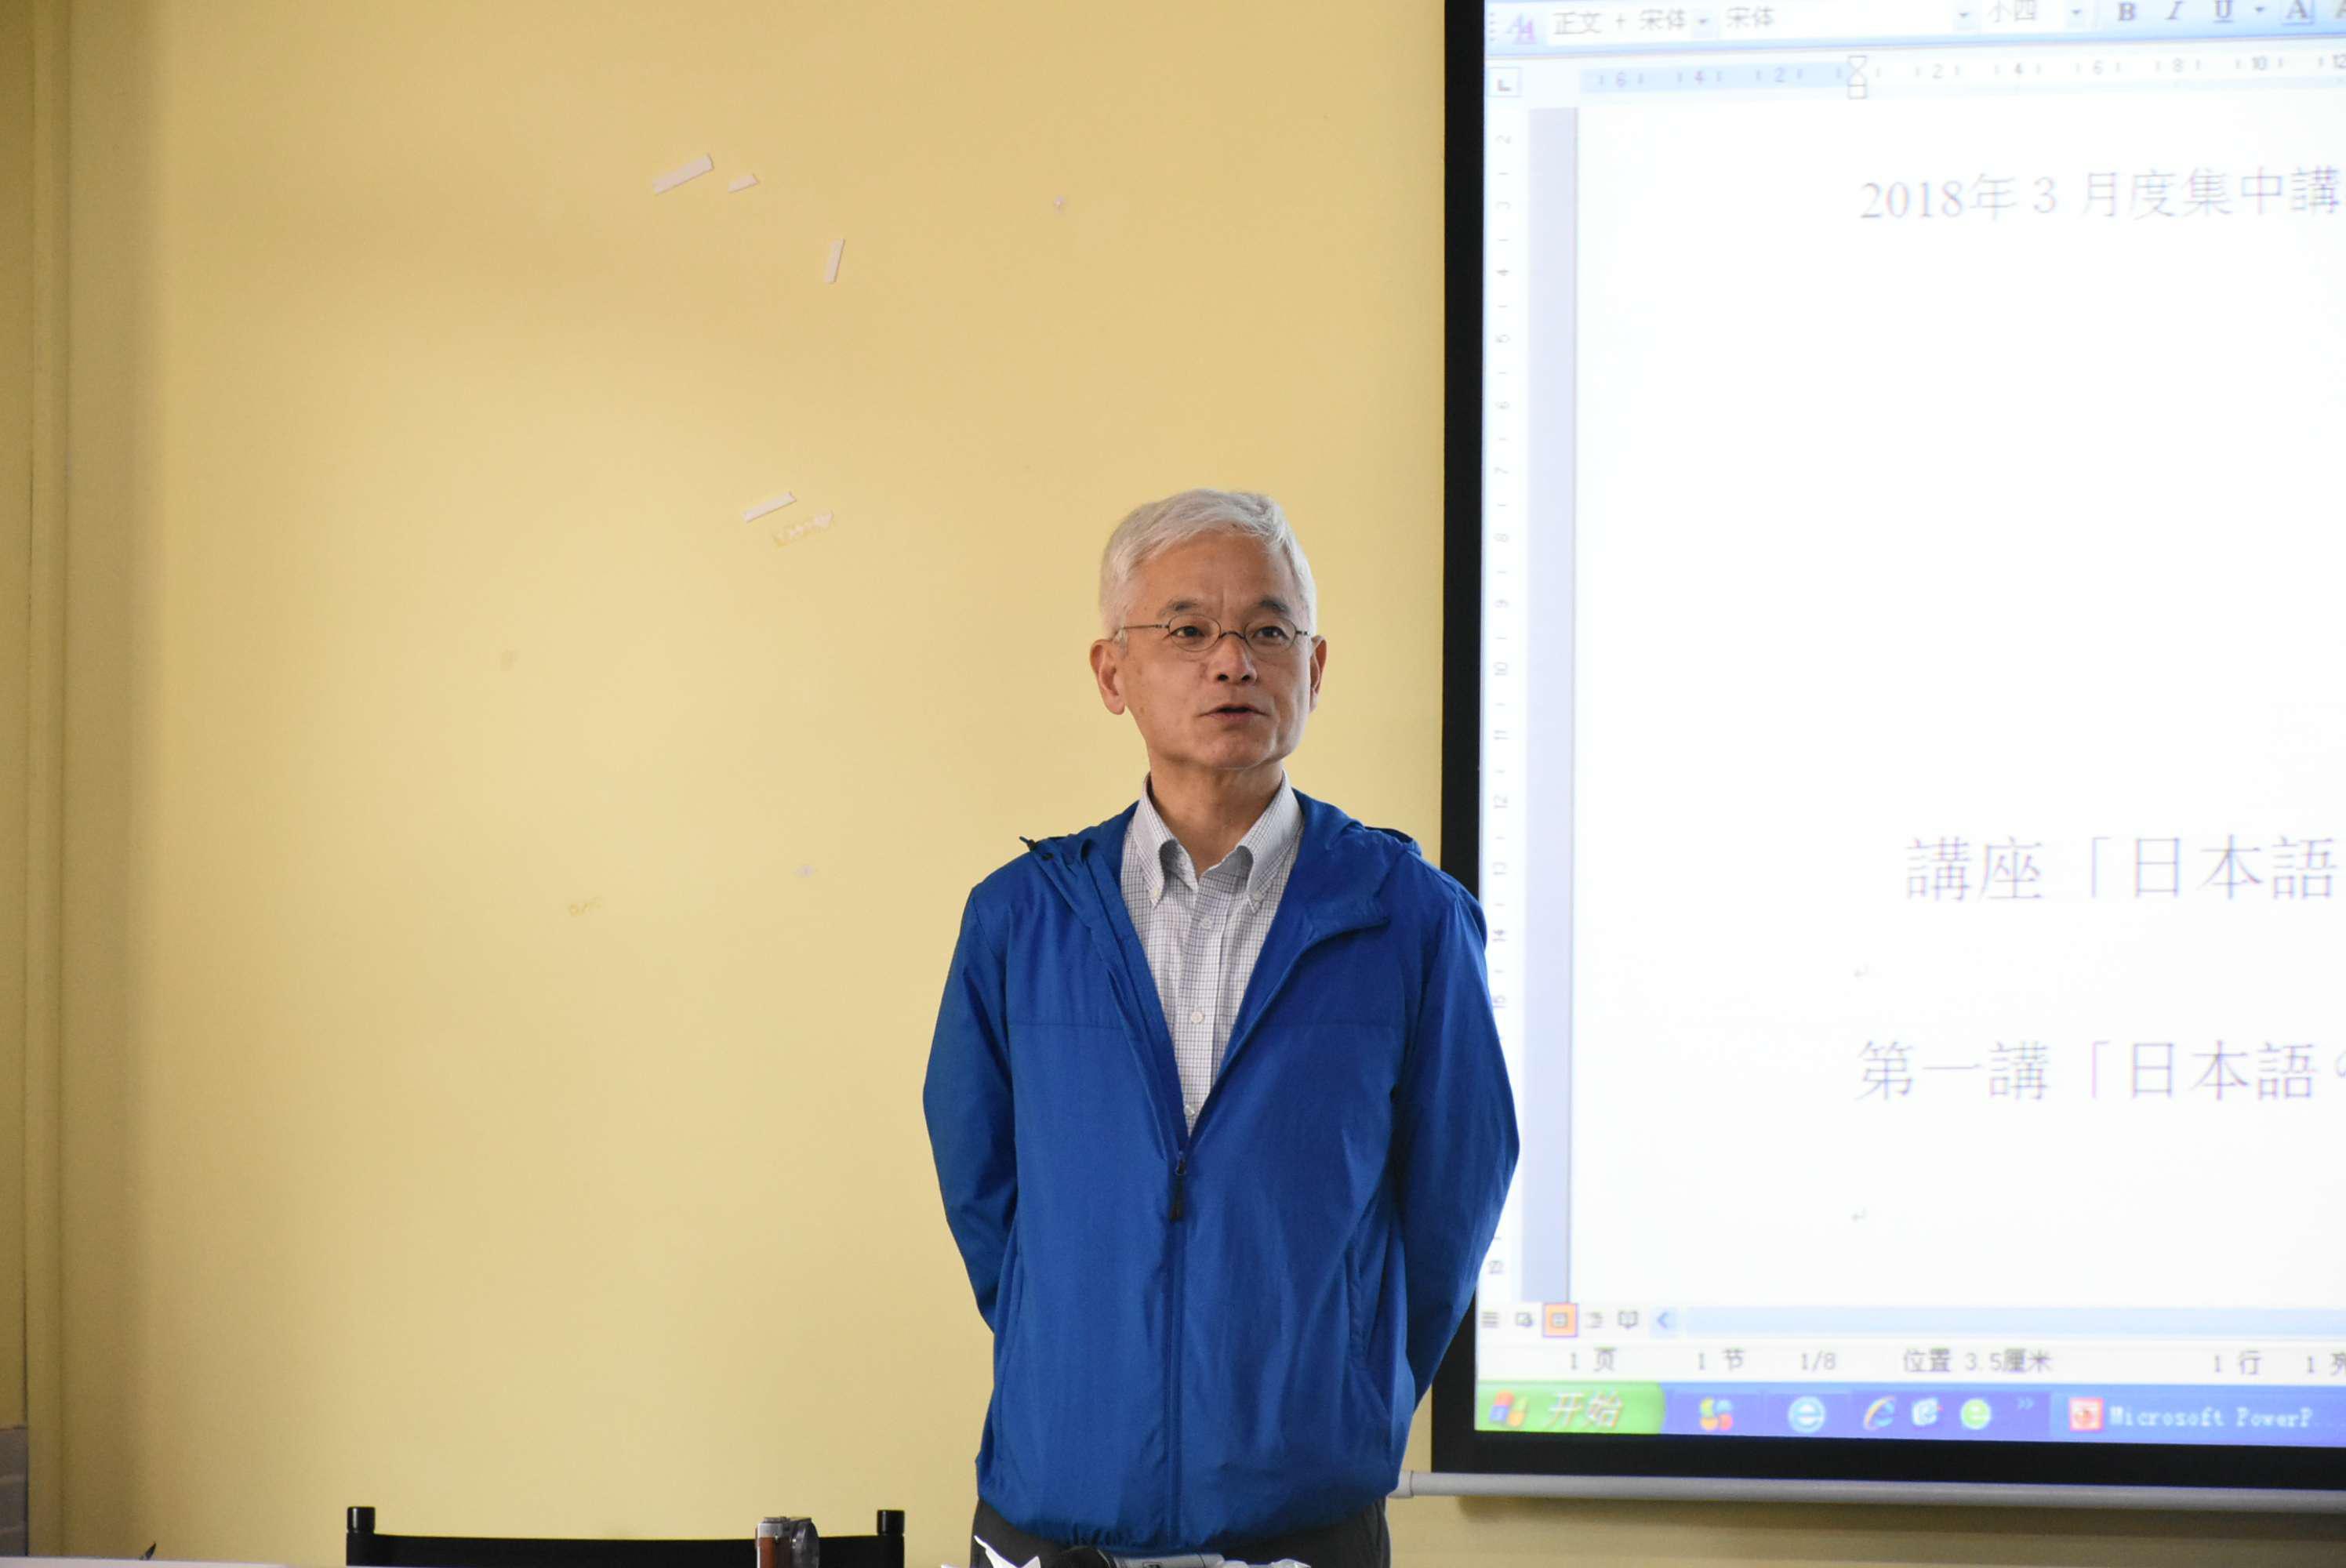 日本札幌大学泉敬史教授来校授课